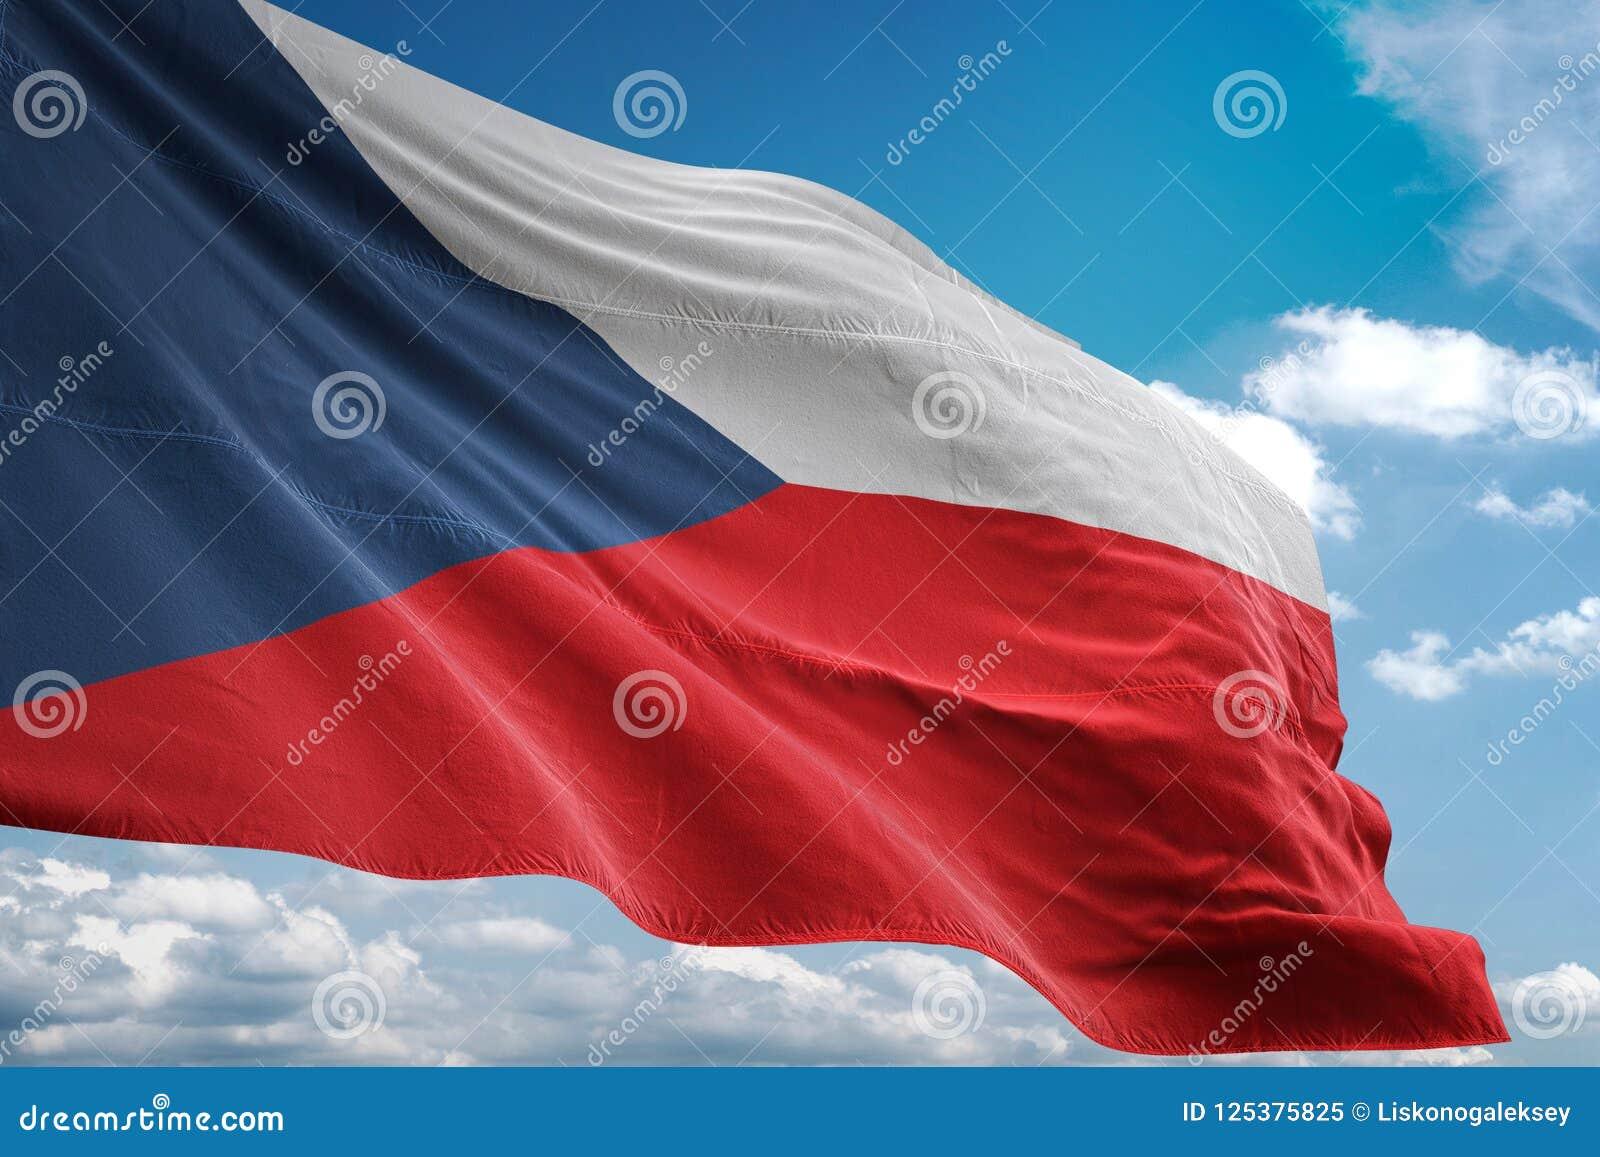 Staatsflagge der Tschechischen Republik, die realistische Illustration 3d des Hintergrundes des blauen Himmels wellenartig bewegt